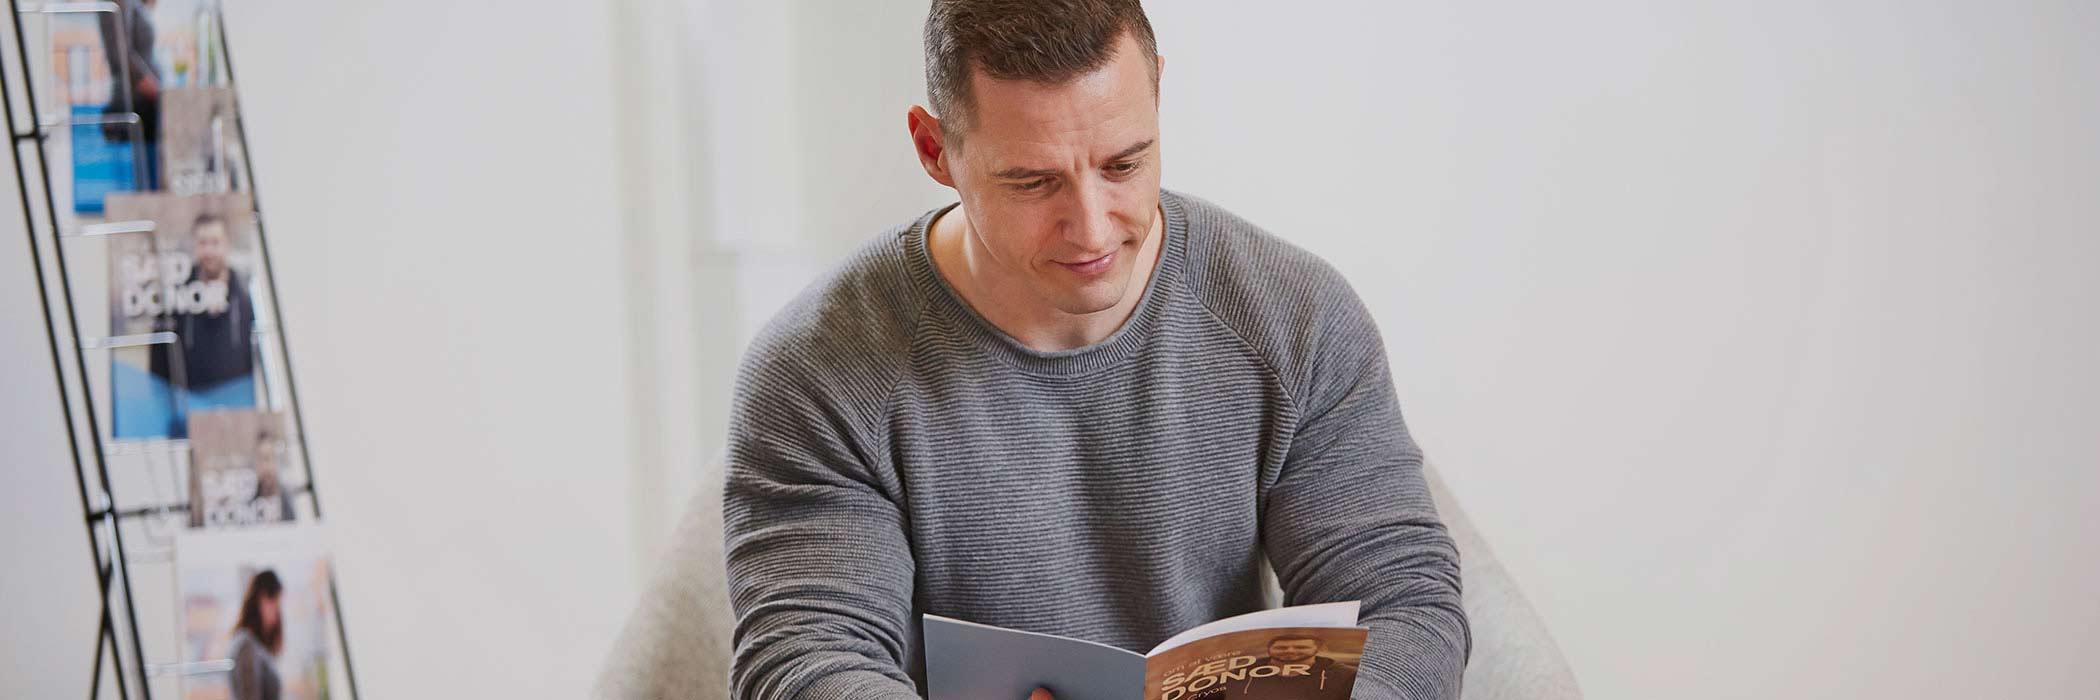 Mand læser om hvordan man bliver sæddonor hos Cryos